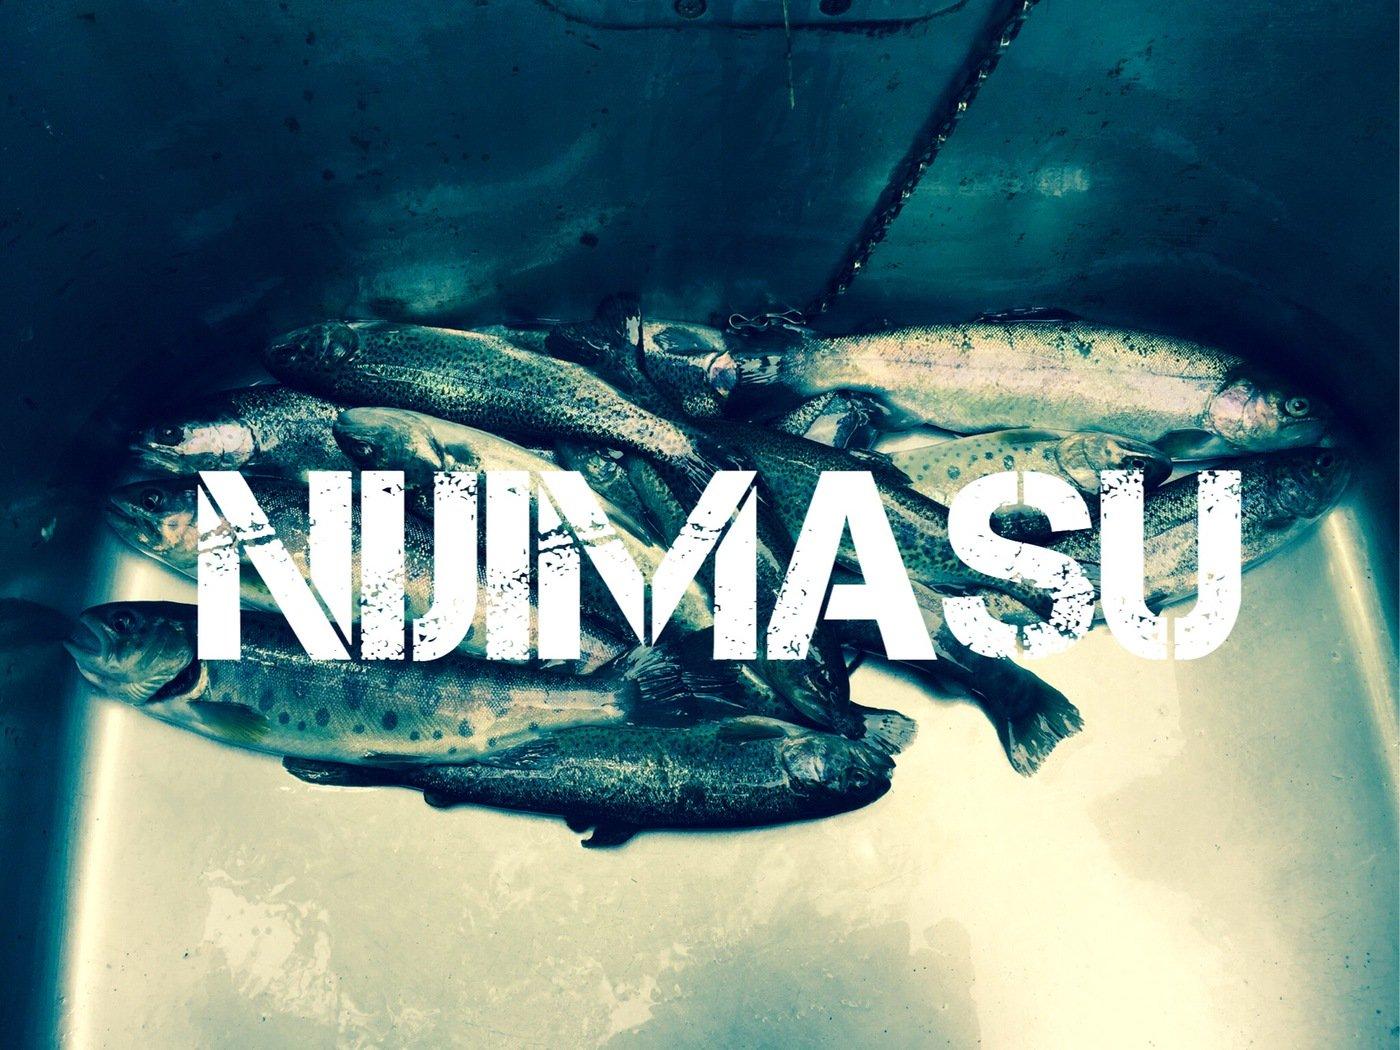 saccchanさんの投稿画像,写っている魚はニジマス